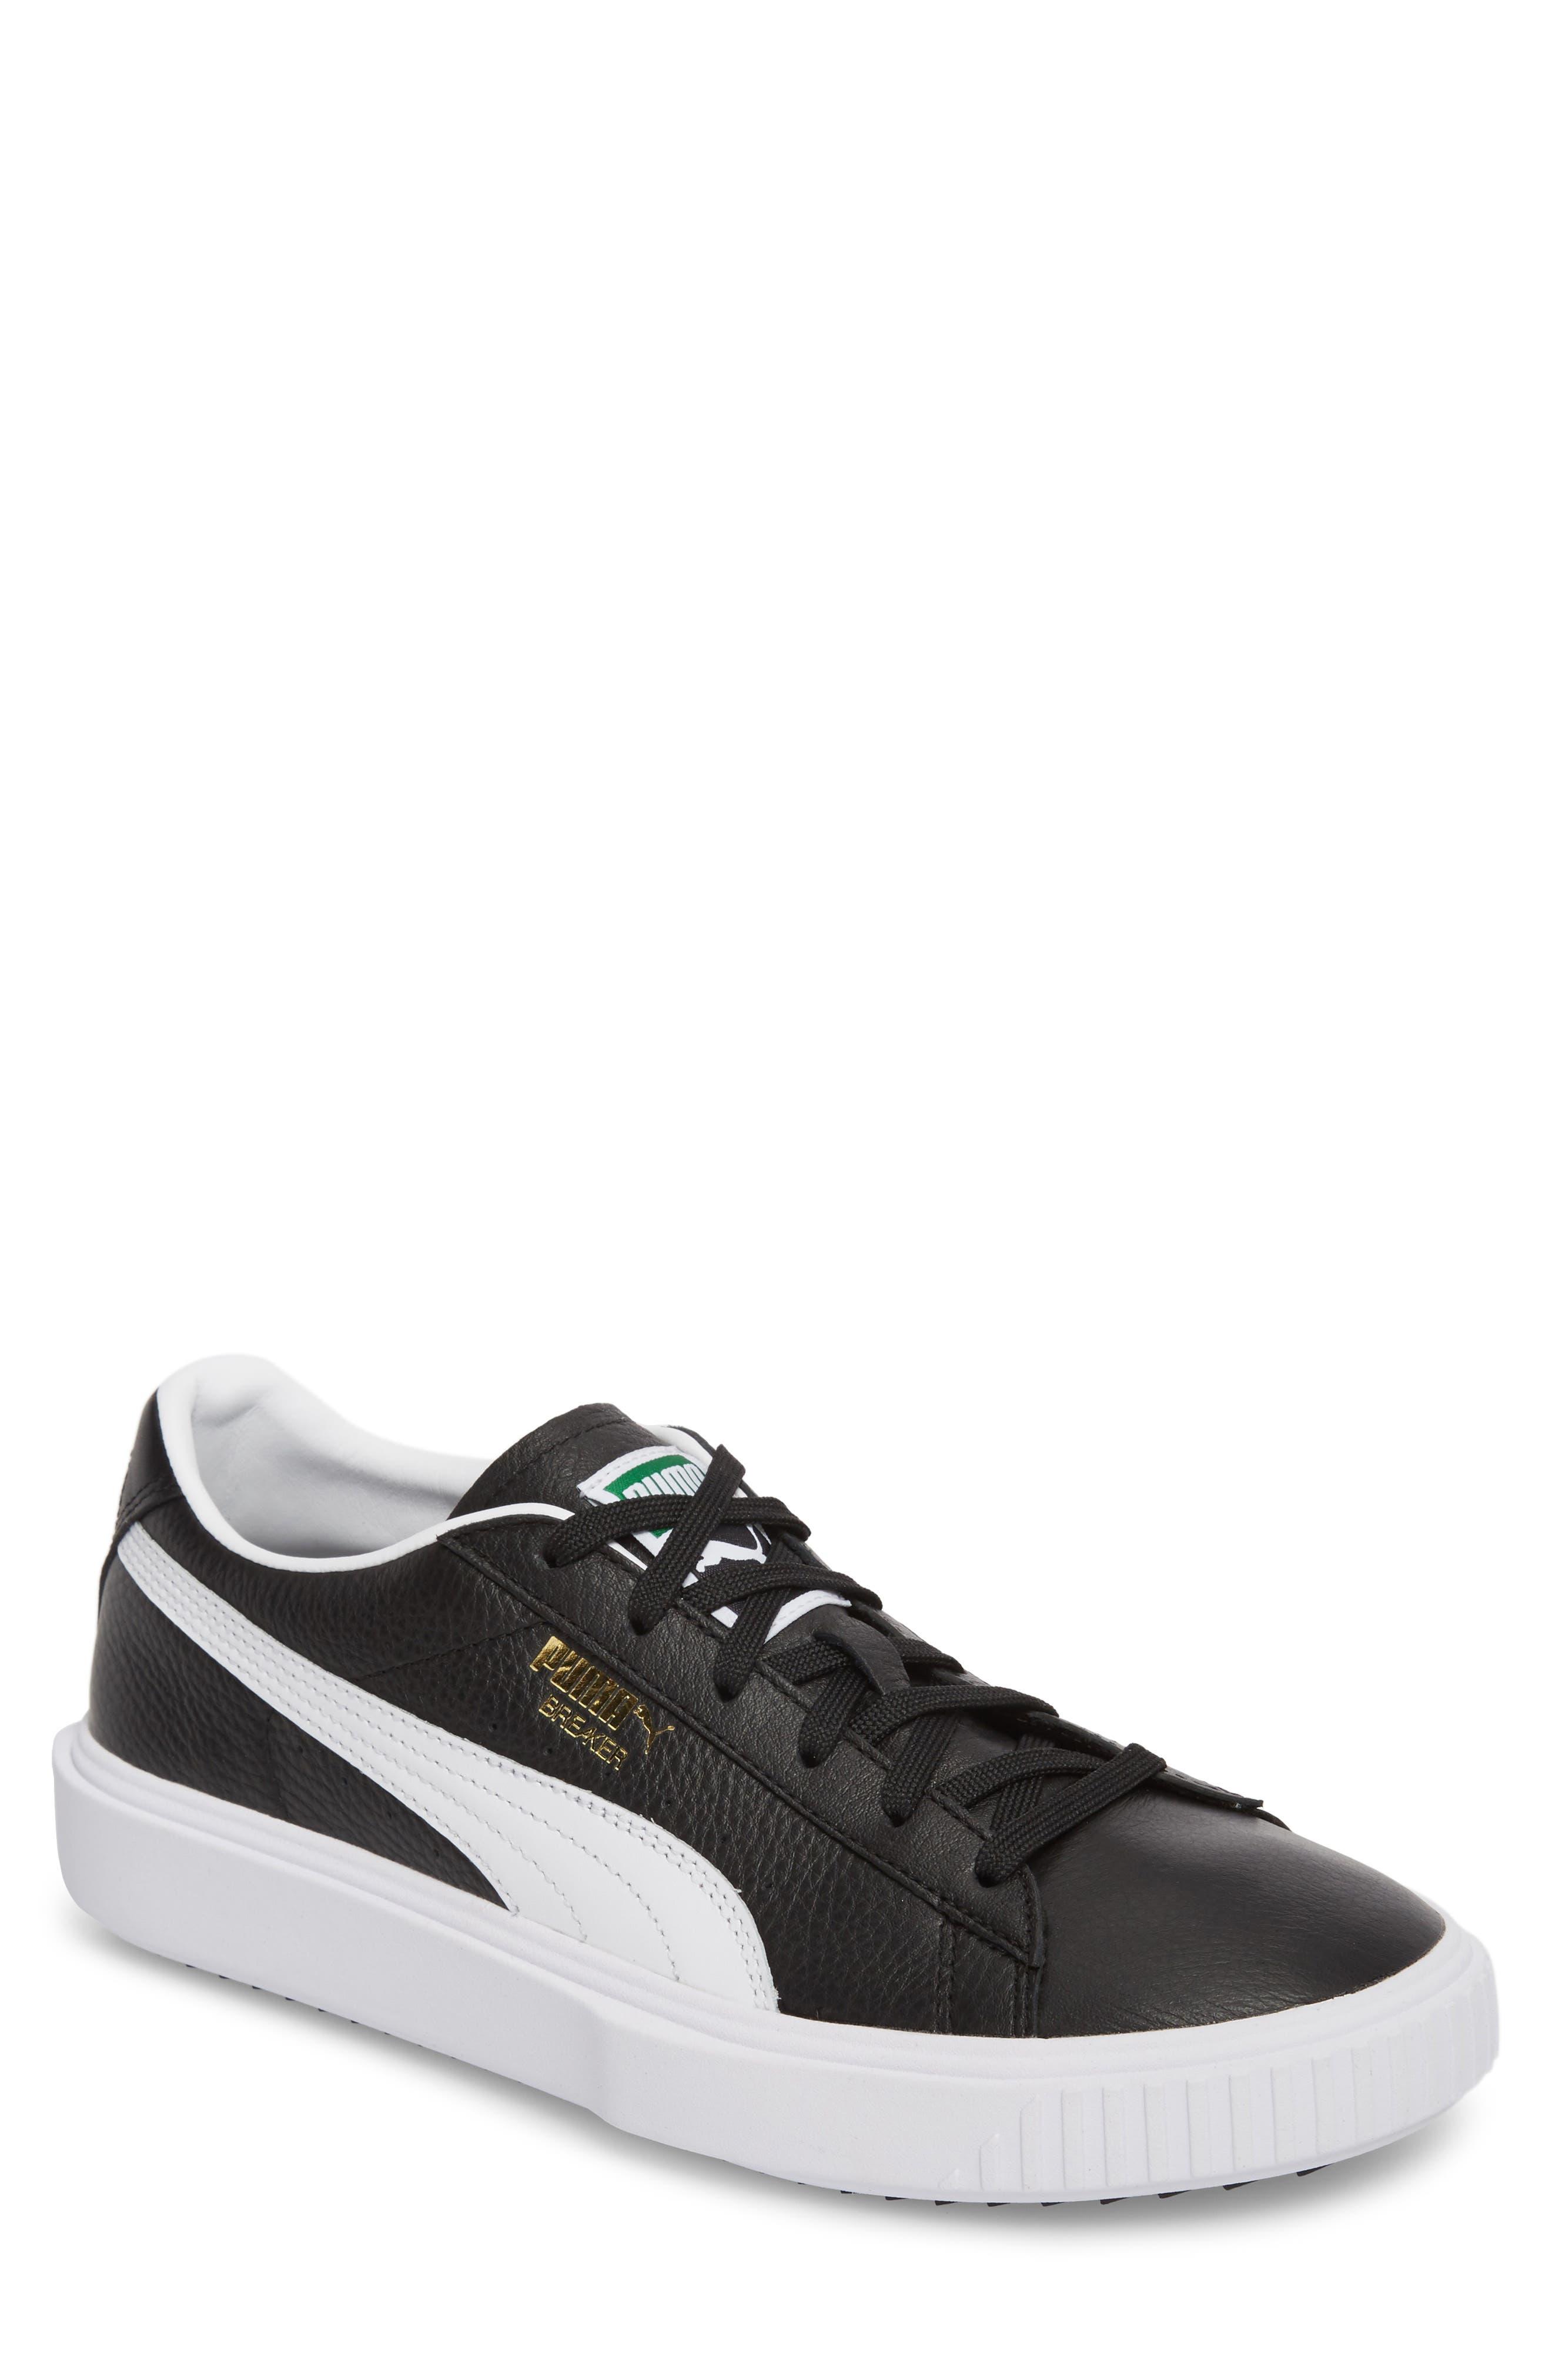 Breaker Low Top Sneaker, Main, color, 001